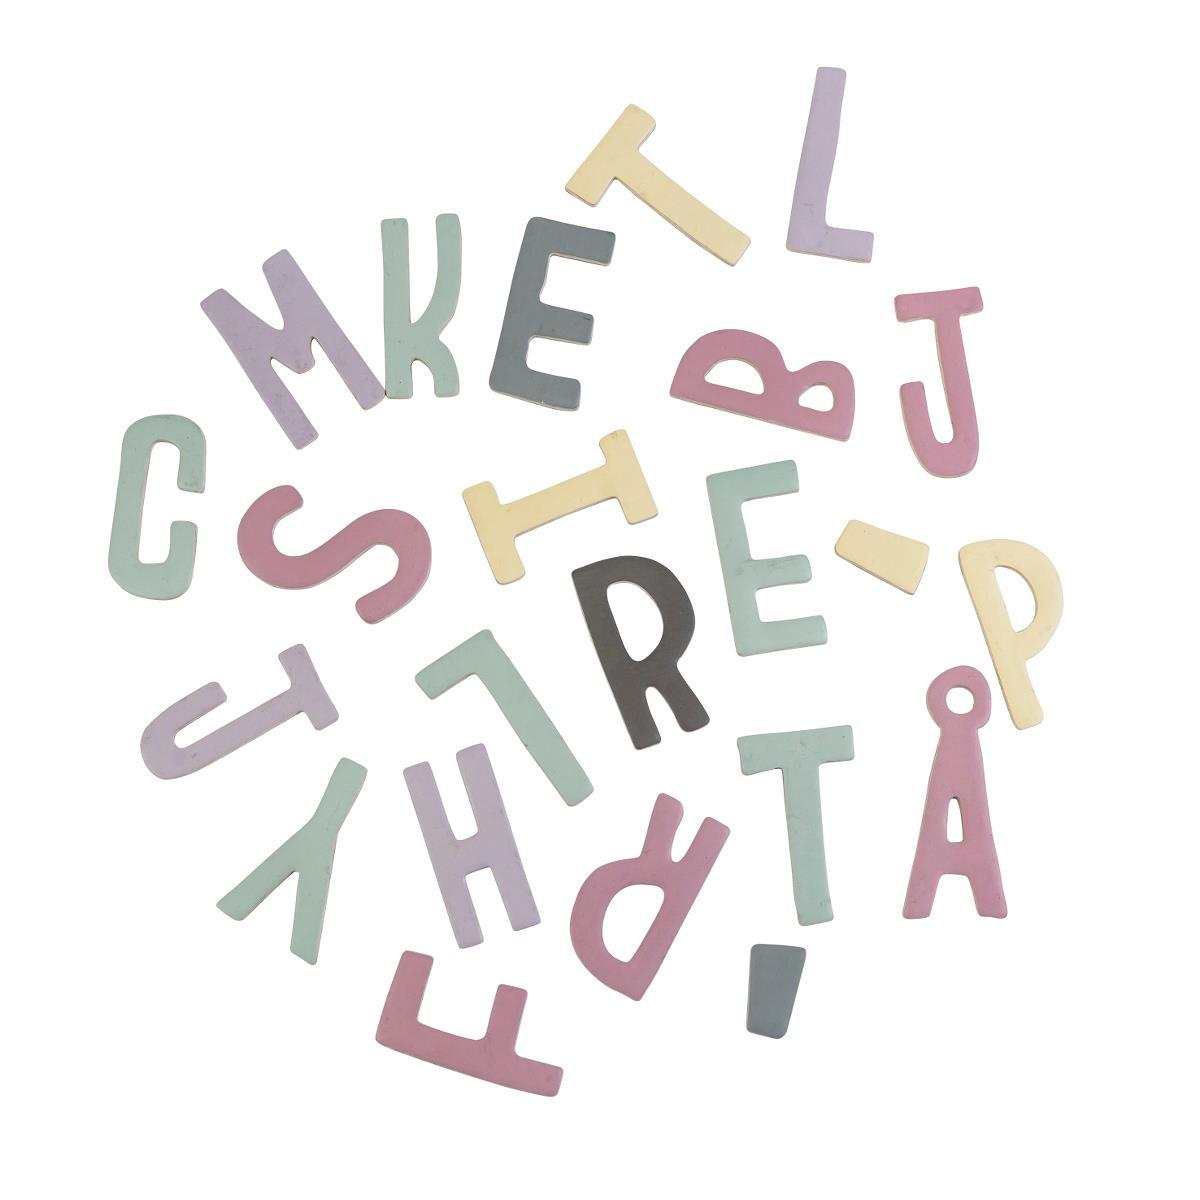 sebra Magnetbuchstaben, 62 Stk., gemischt, Mädchen 8010201